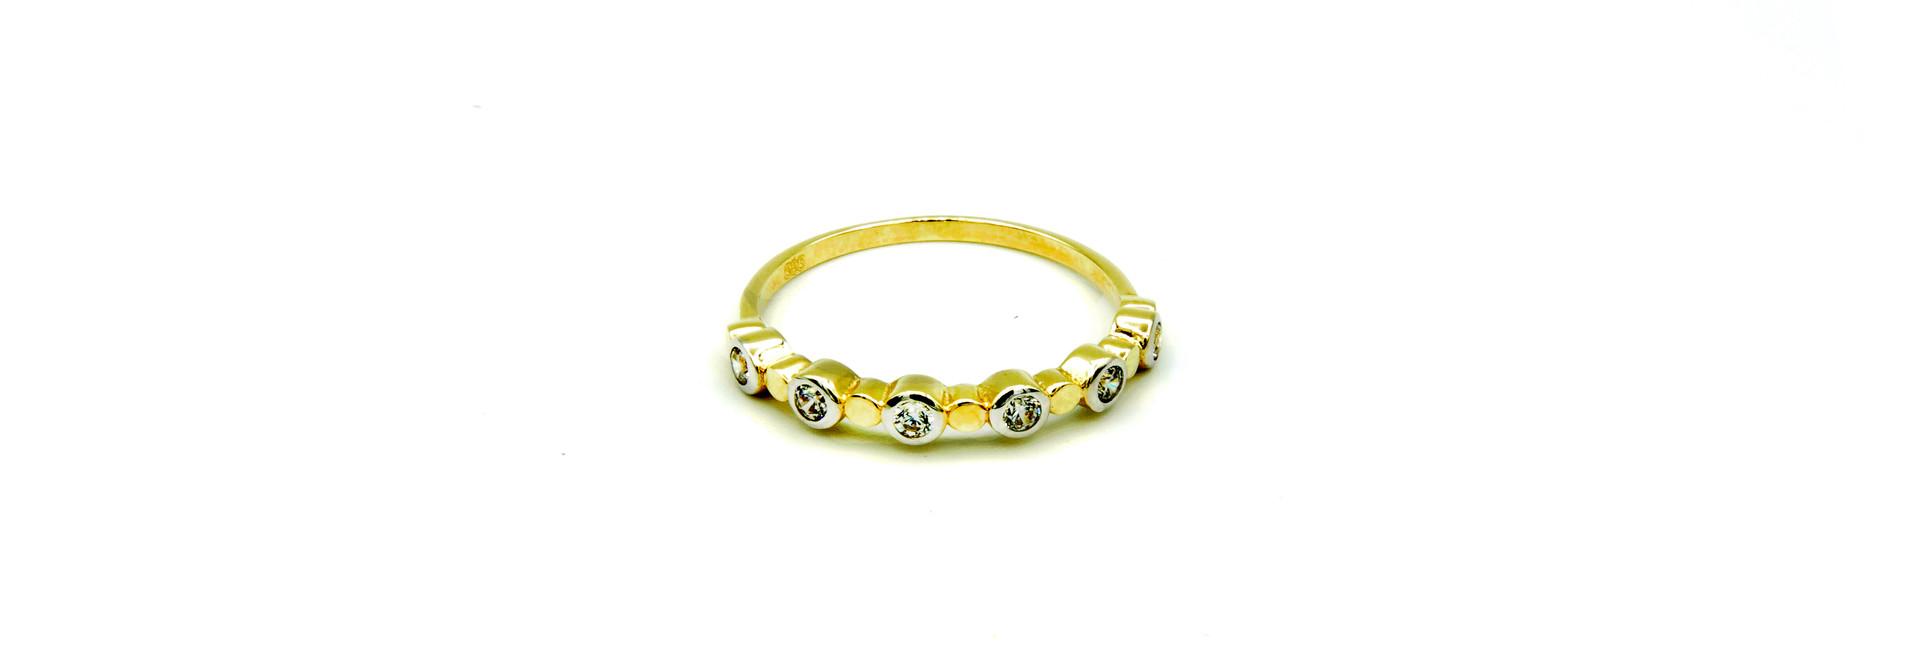 Ring met zirkonia's in rondjes bicolor